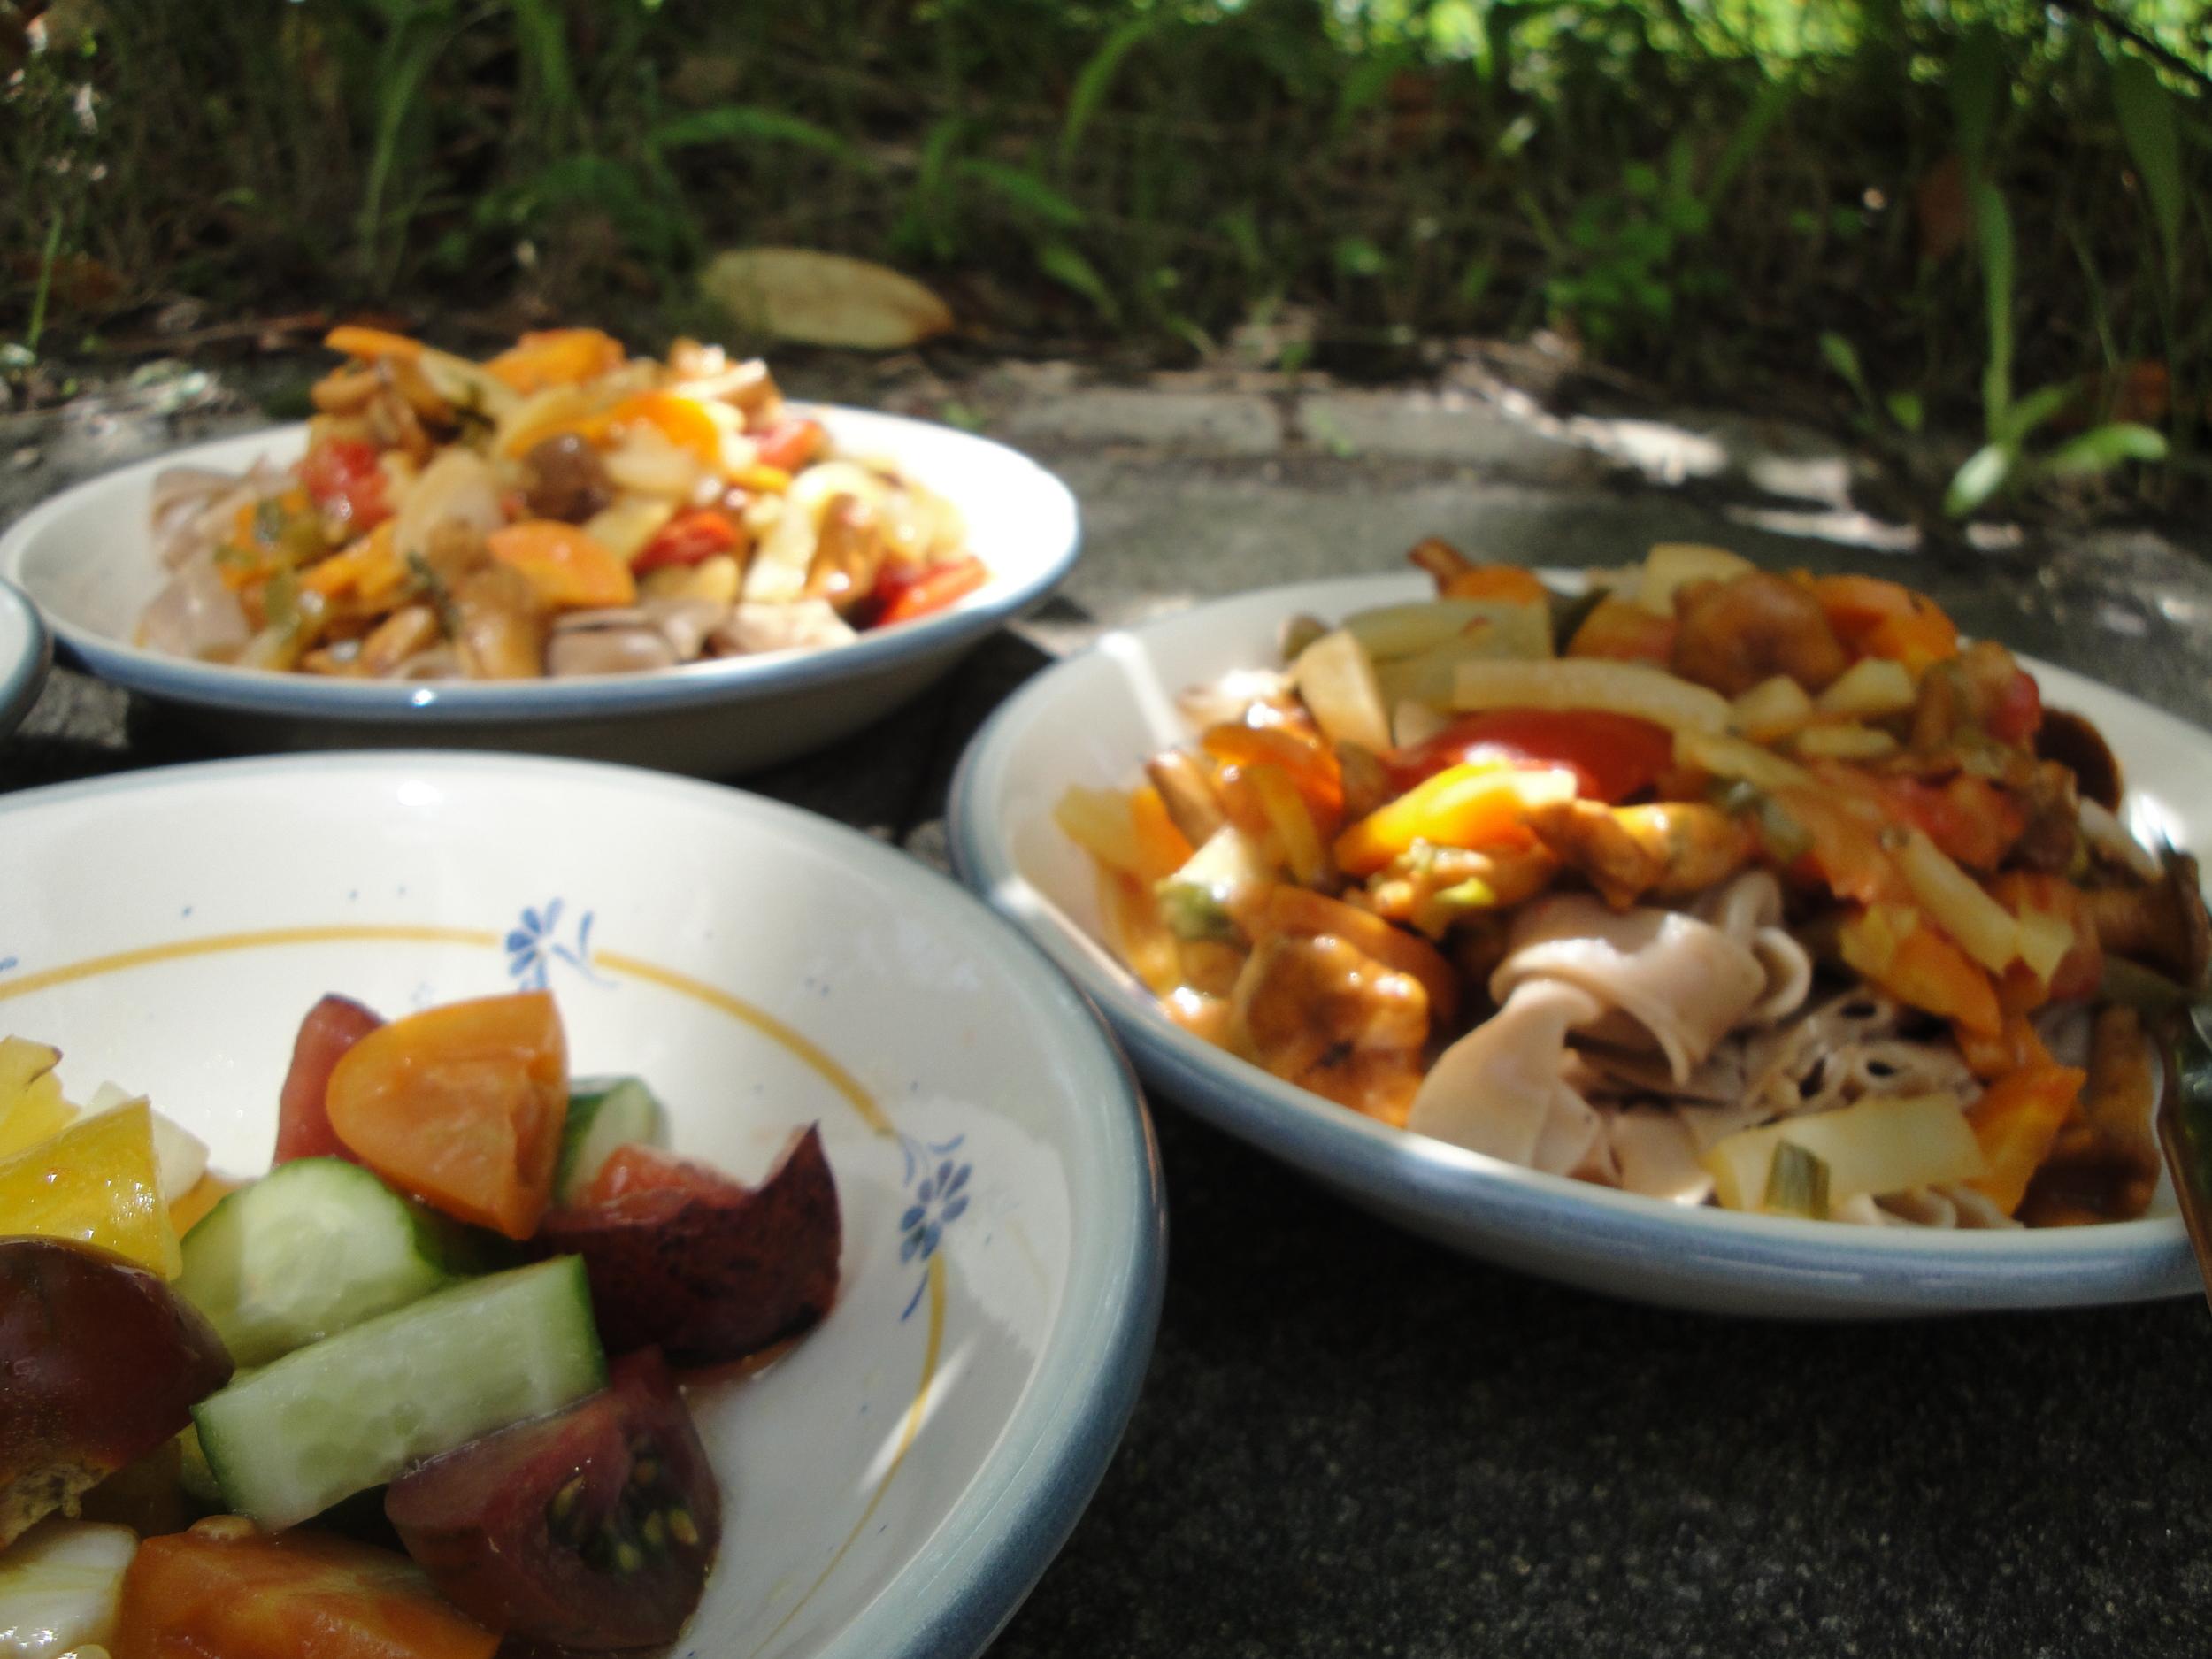 Hildegard von Bingen spelt pasta with summer veggies and those mad tomatoes.